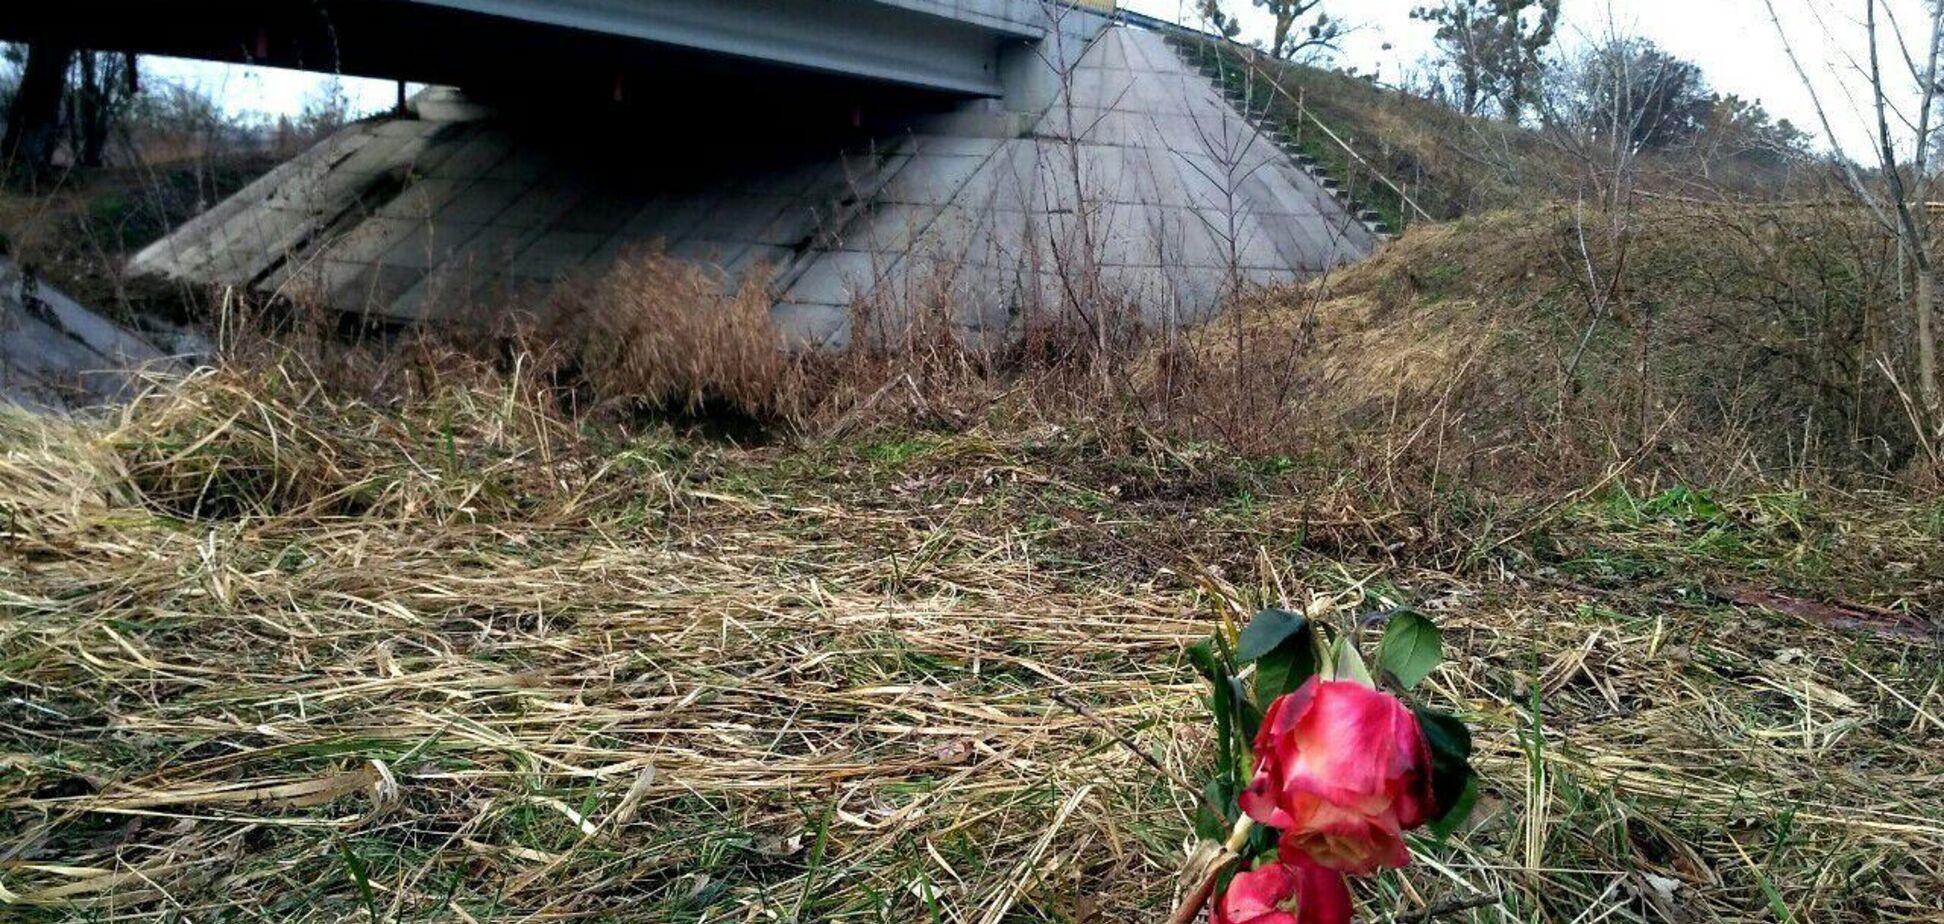 Убийство Ноздровской: криминолог указала на вопиющие 'белые пятна' в расследовании